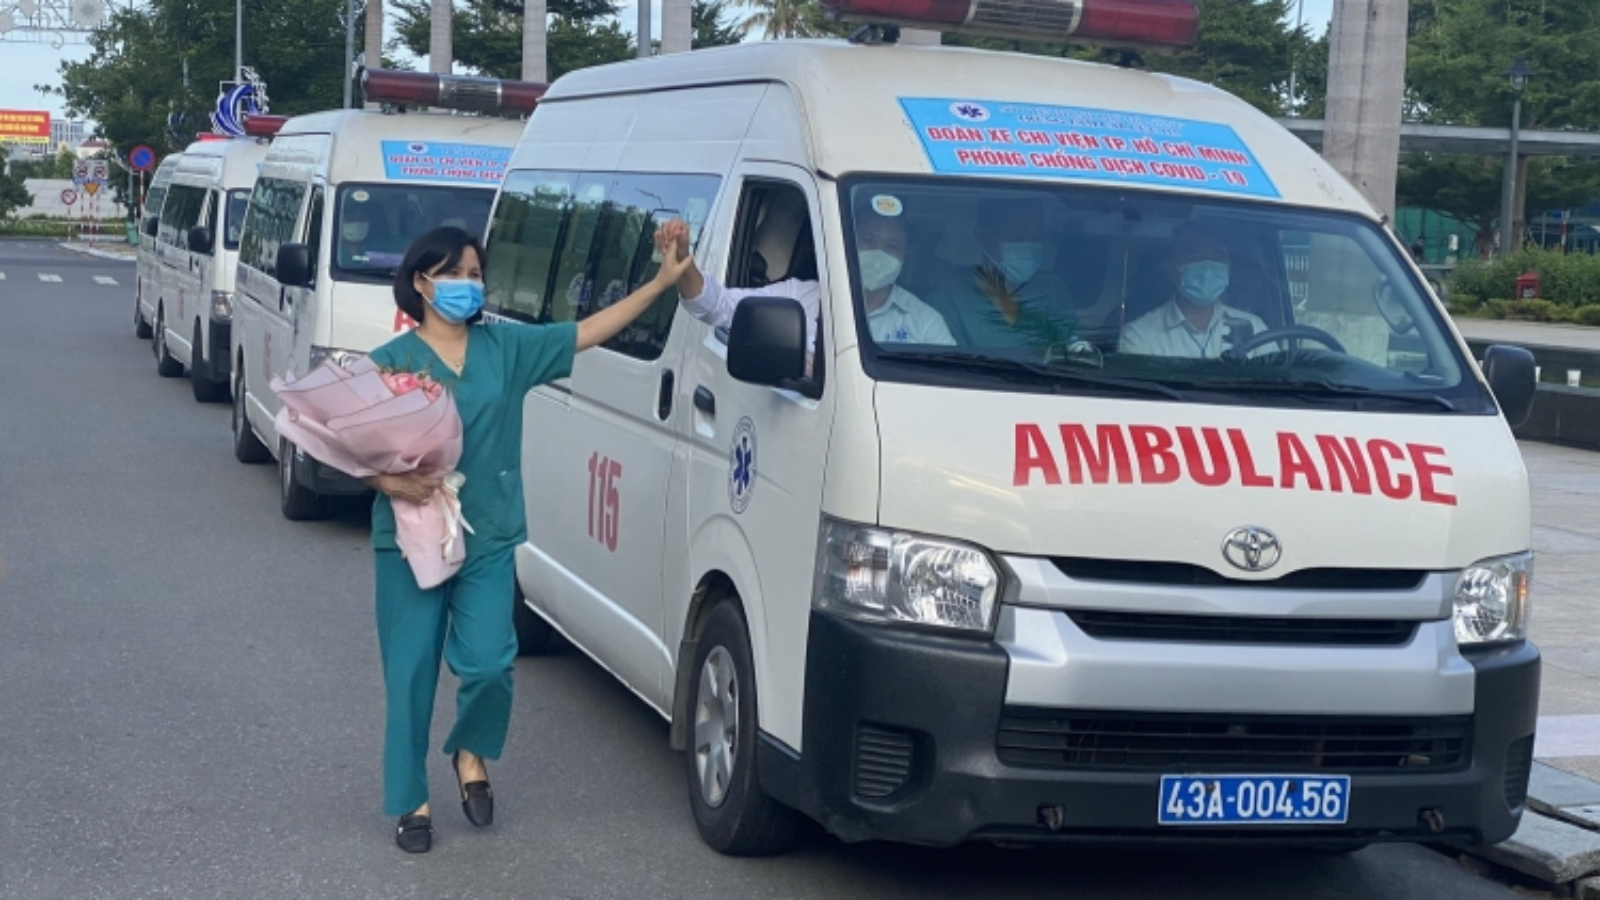 Đà Nẵng huy động15 y bác sĩ và 5 xe cấp cứu hỗ trợthành phố Hồ Chí Minh chống dịch